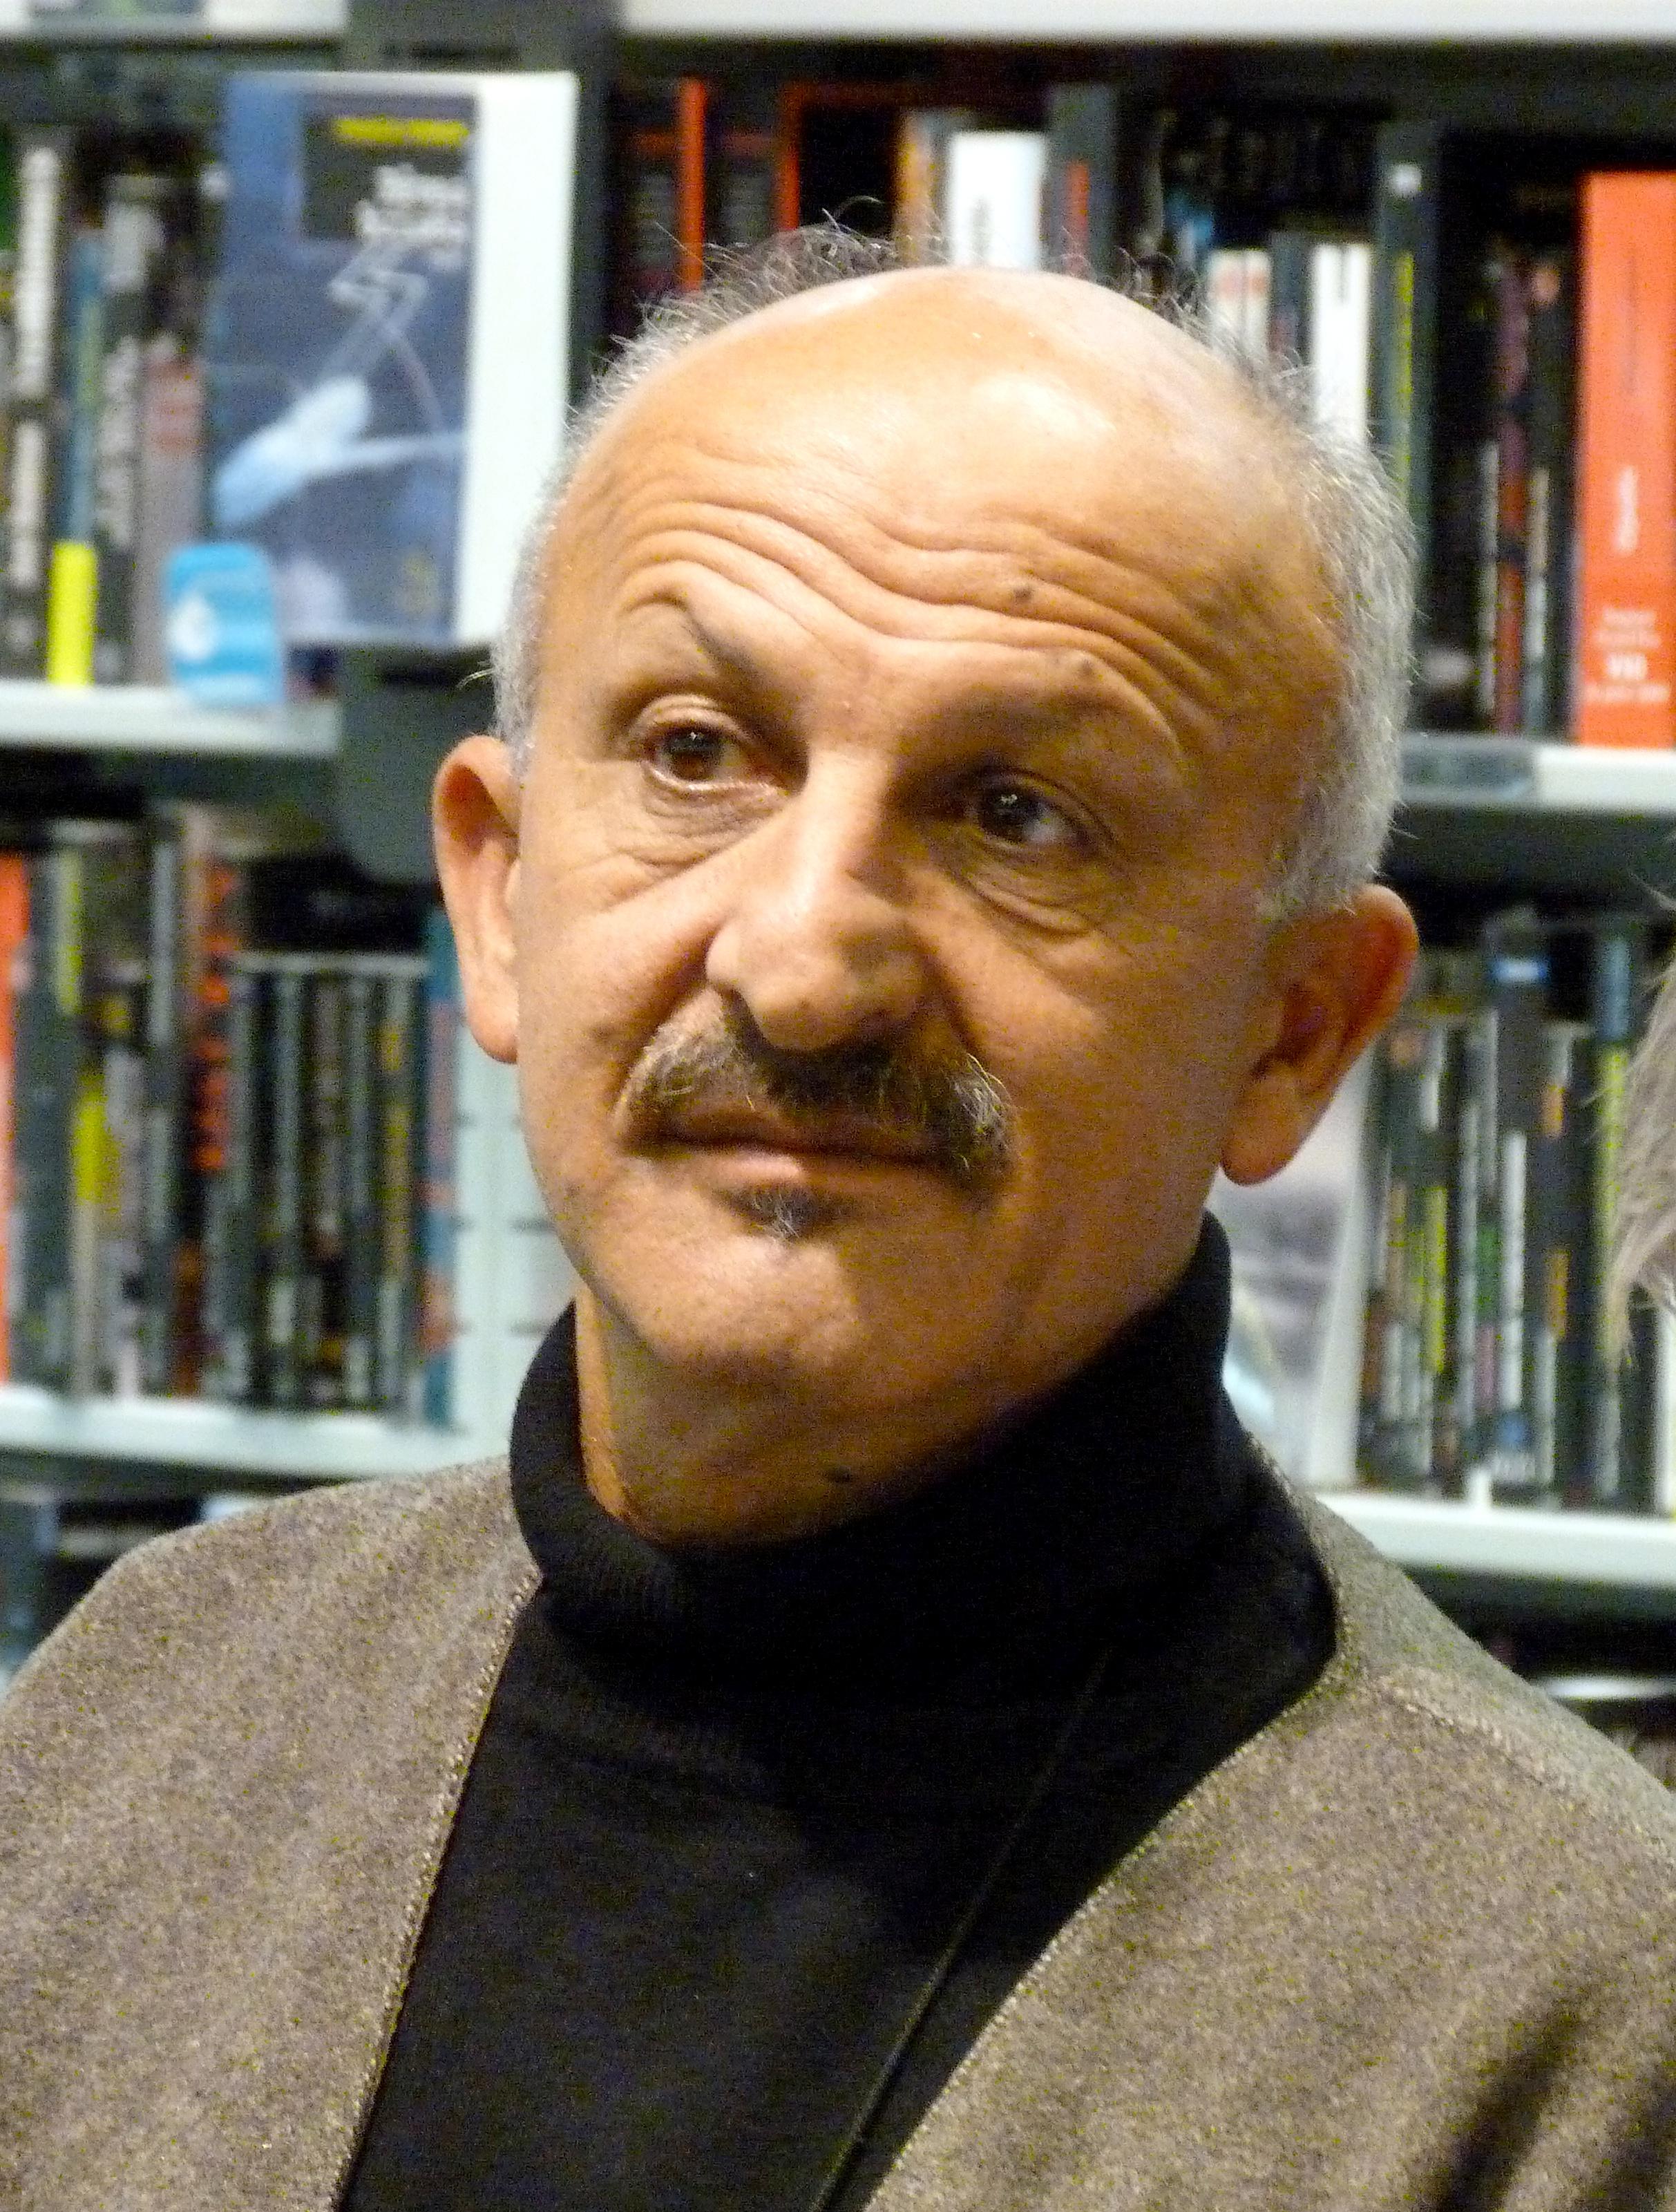 Image of Reza Deghati from Wikidata